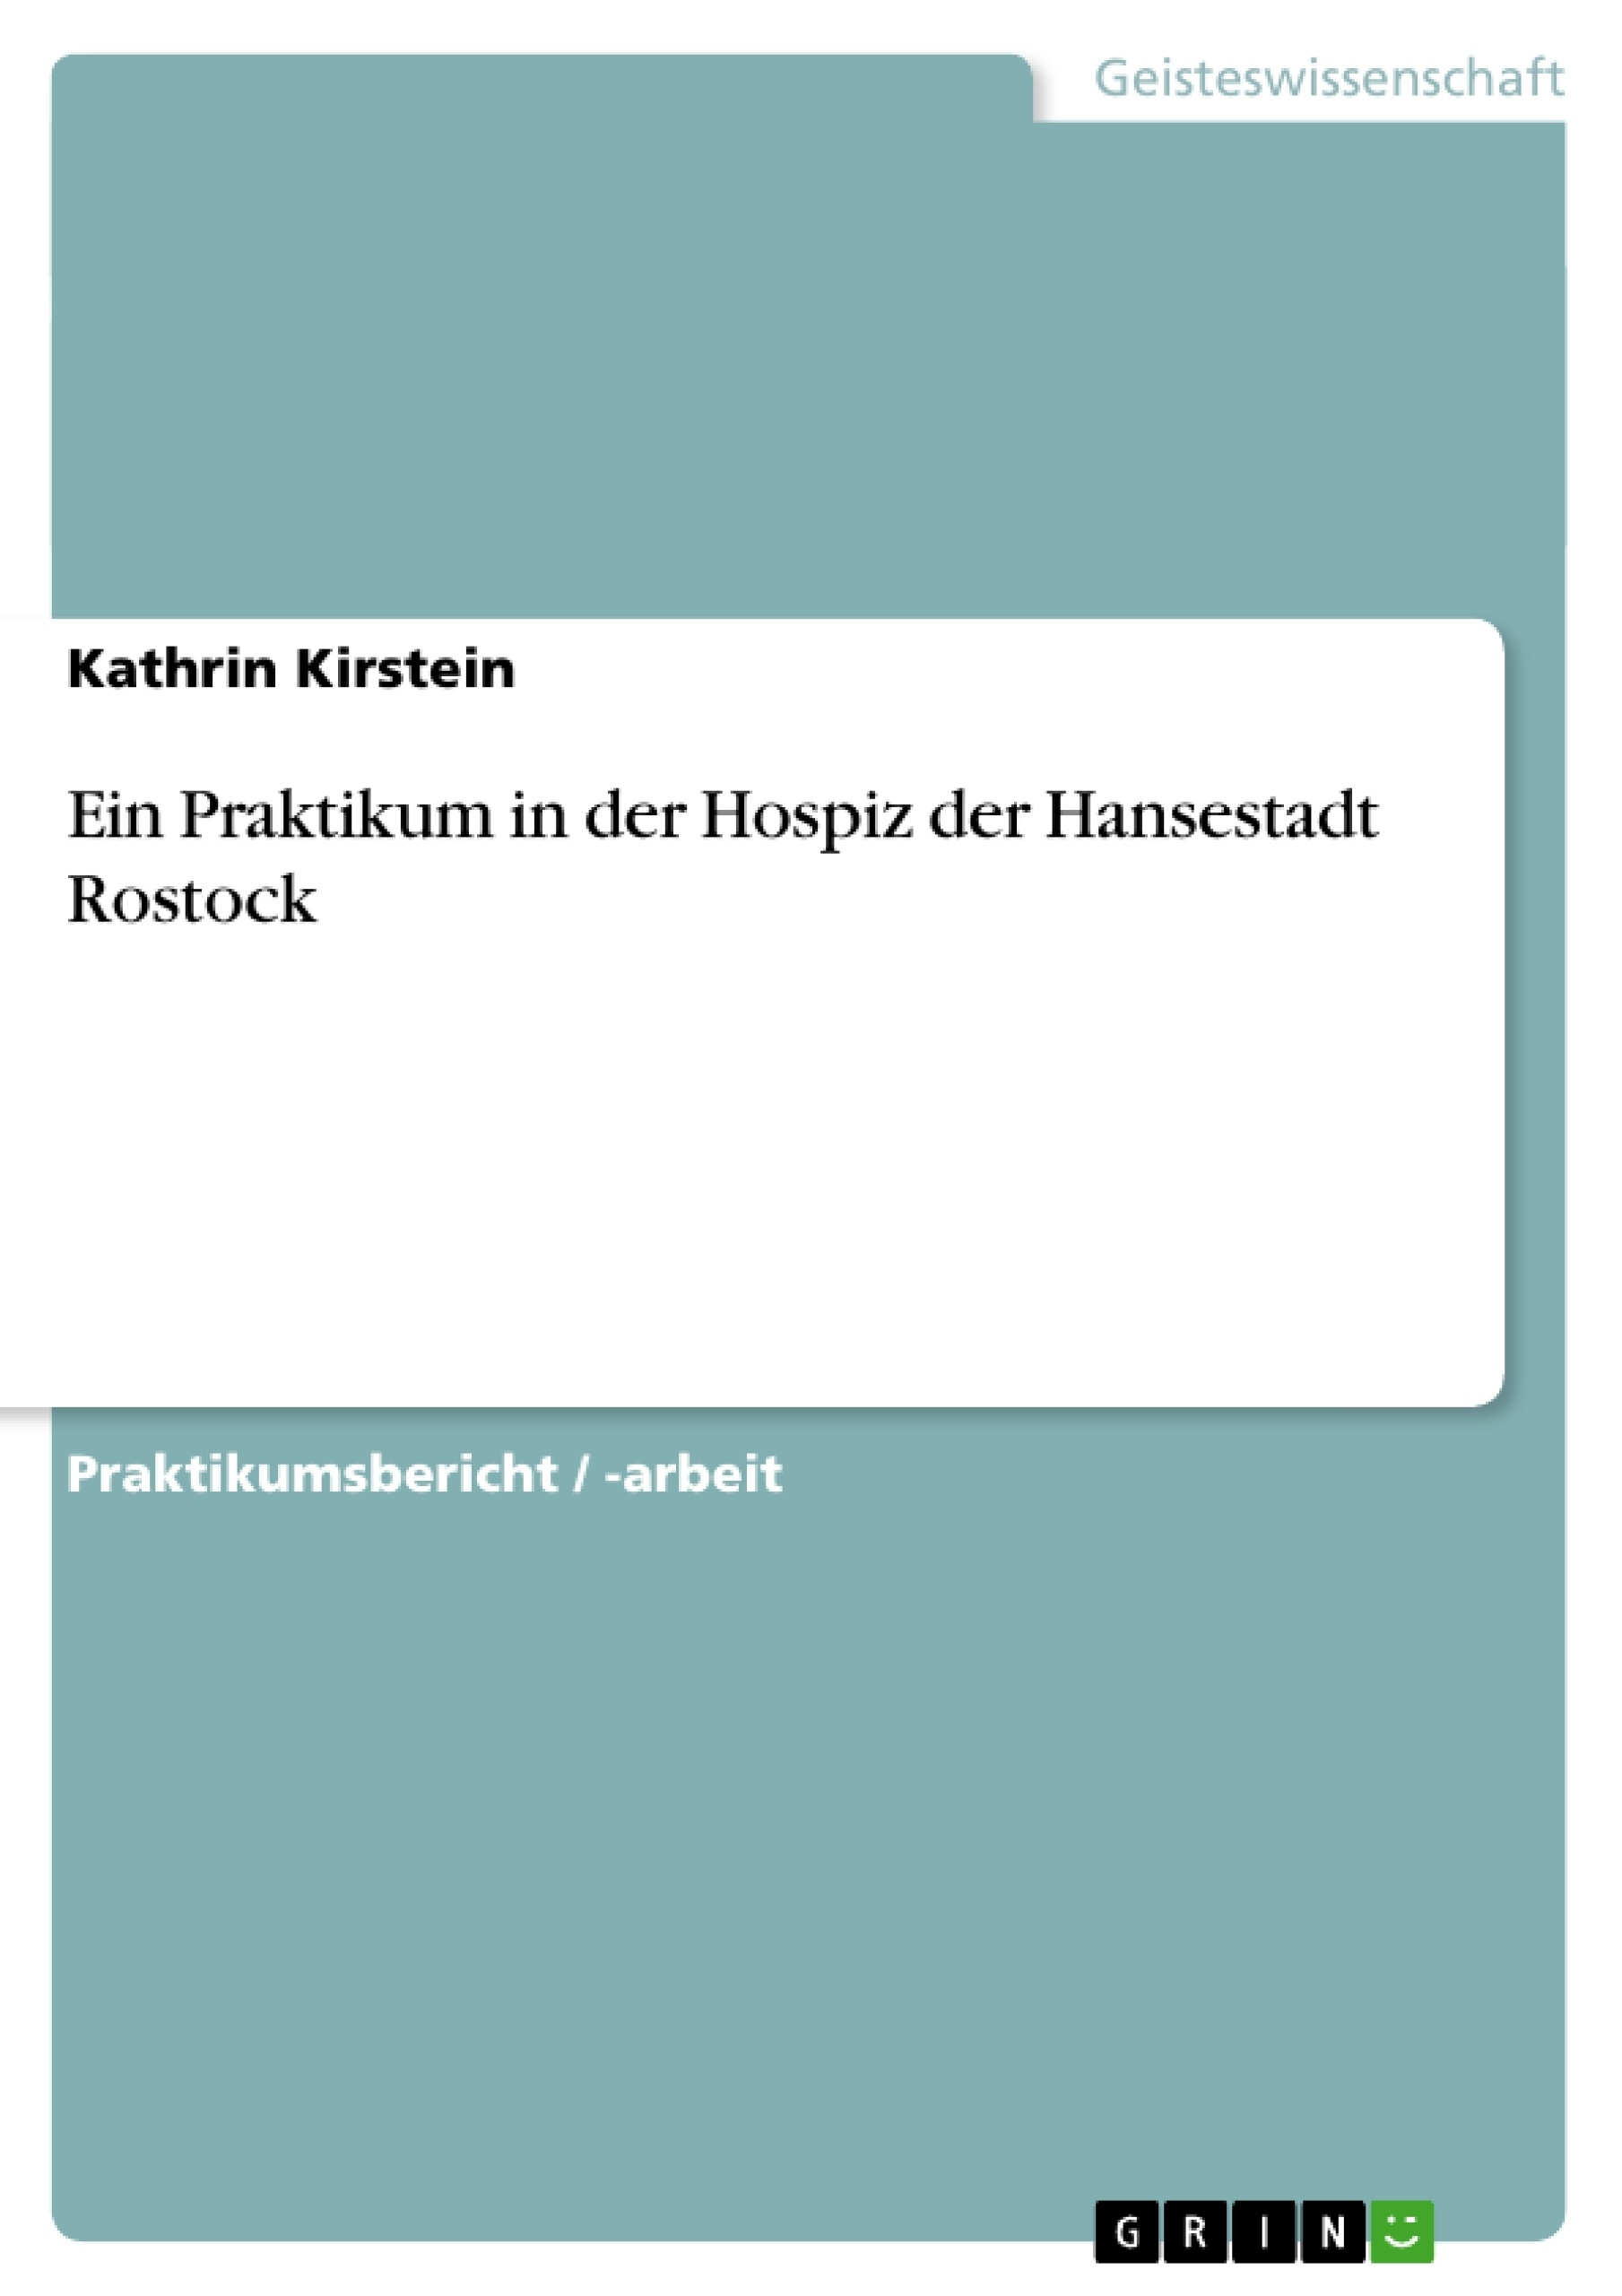 Titel: Ein Praktikum in der Hospiz der Hansestadt Rostock